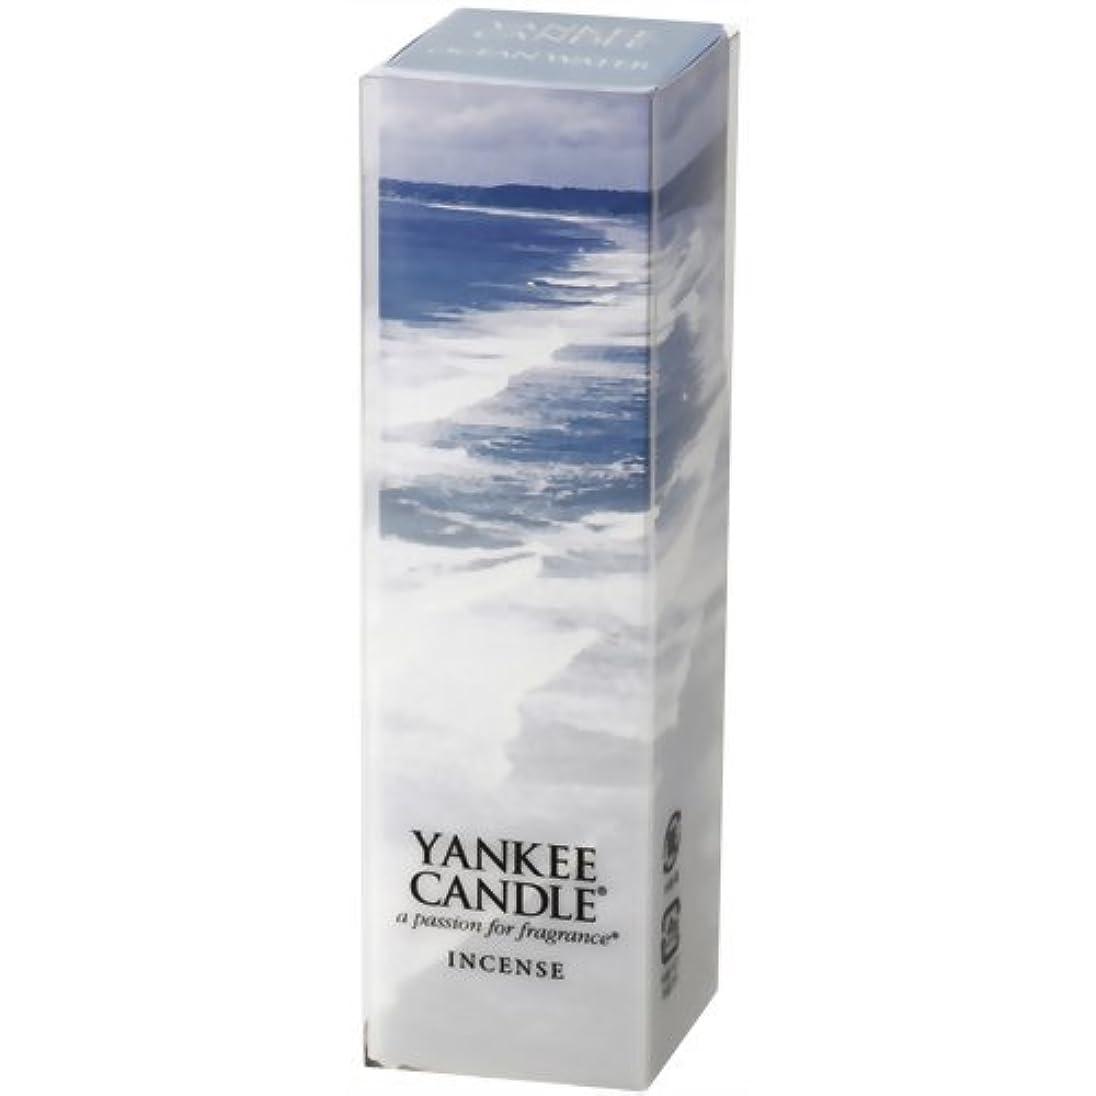 絶えずフォロー重大YANKEE CANDLE(ヤンキーキャンドル) YCインセンス オーシャン